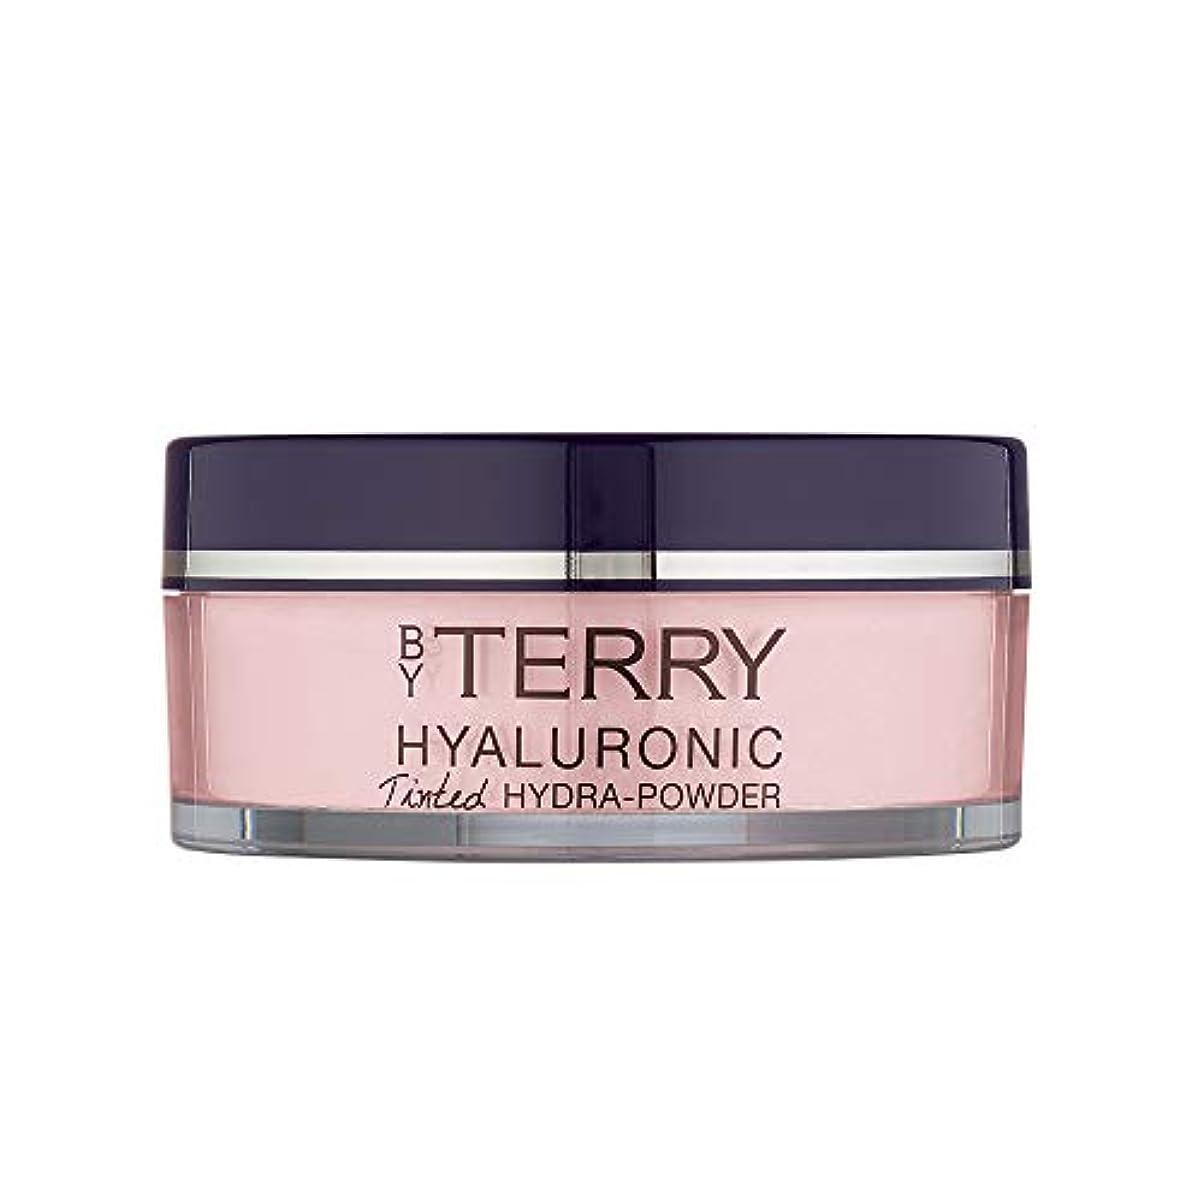 臨検適切に死すべきバイテリー Hyaluronic Tinted Hydra Care Setting Powder - # 1 Rosy Light 10g/0.35oz並行輸入品